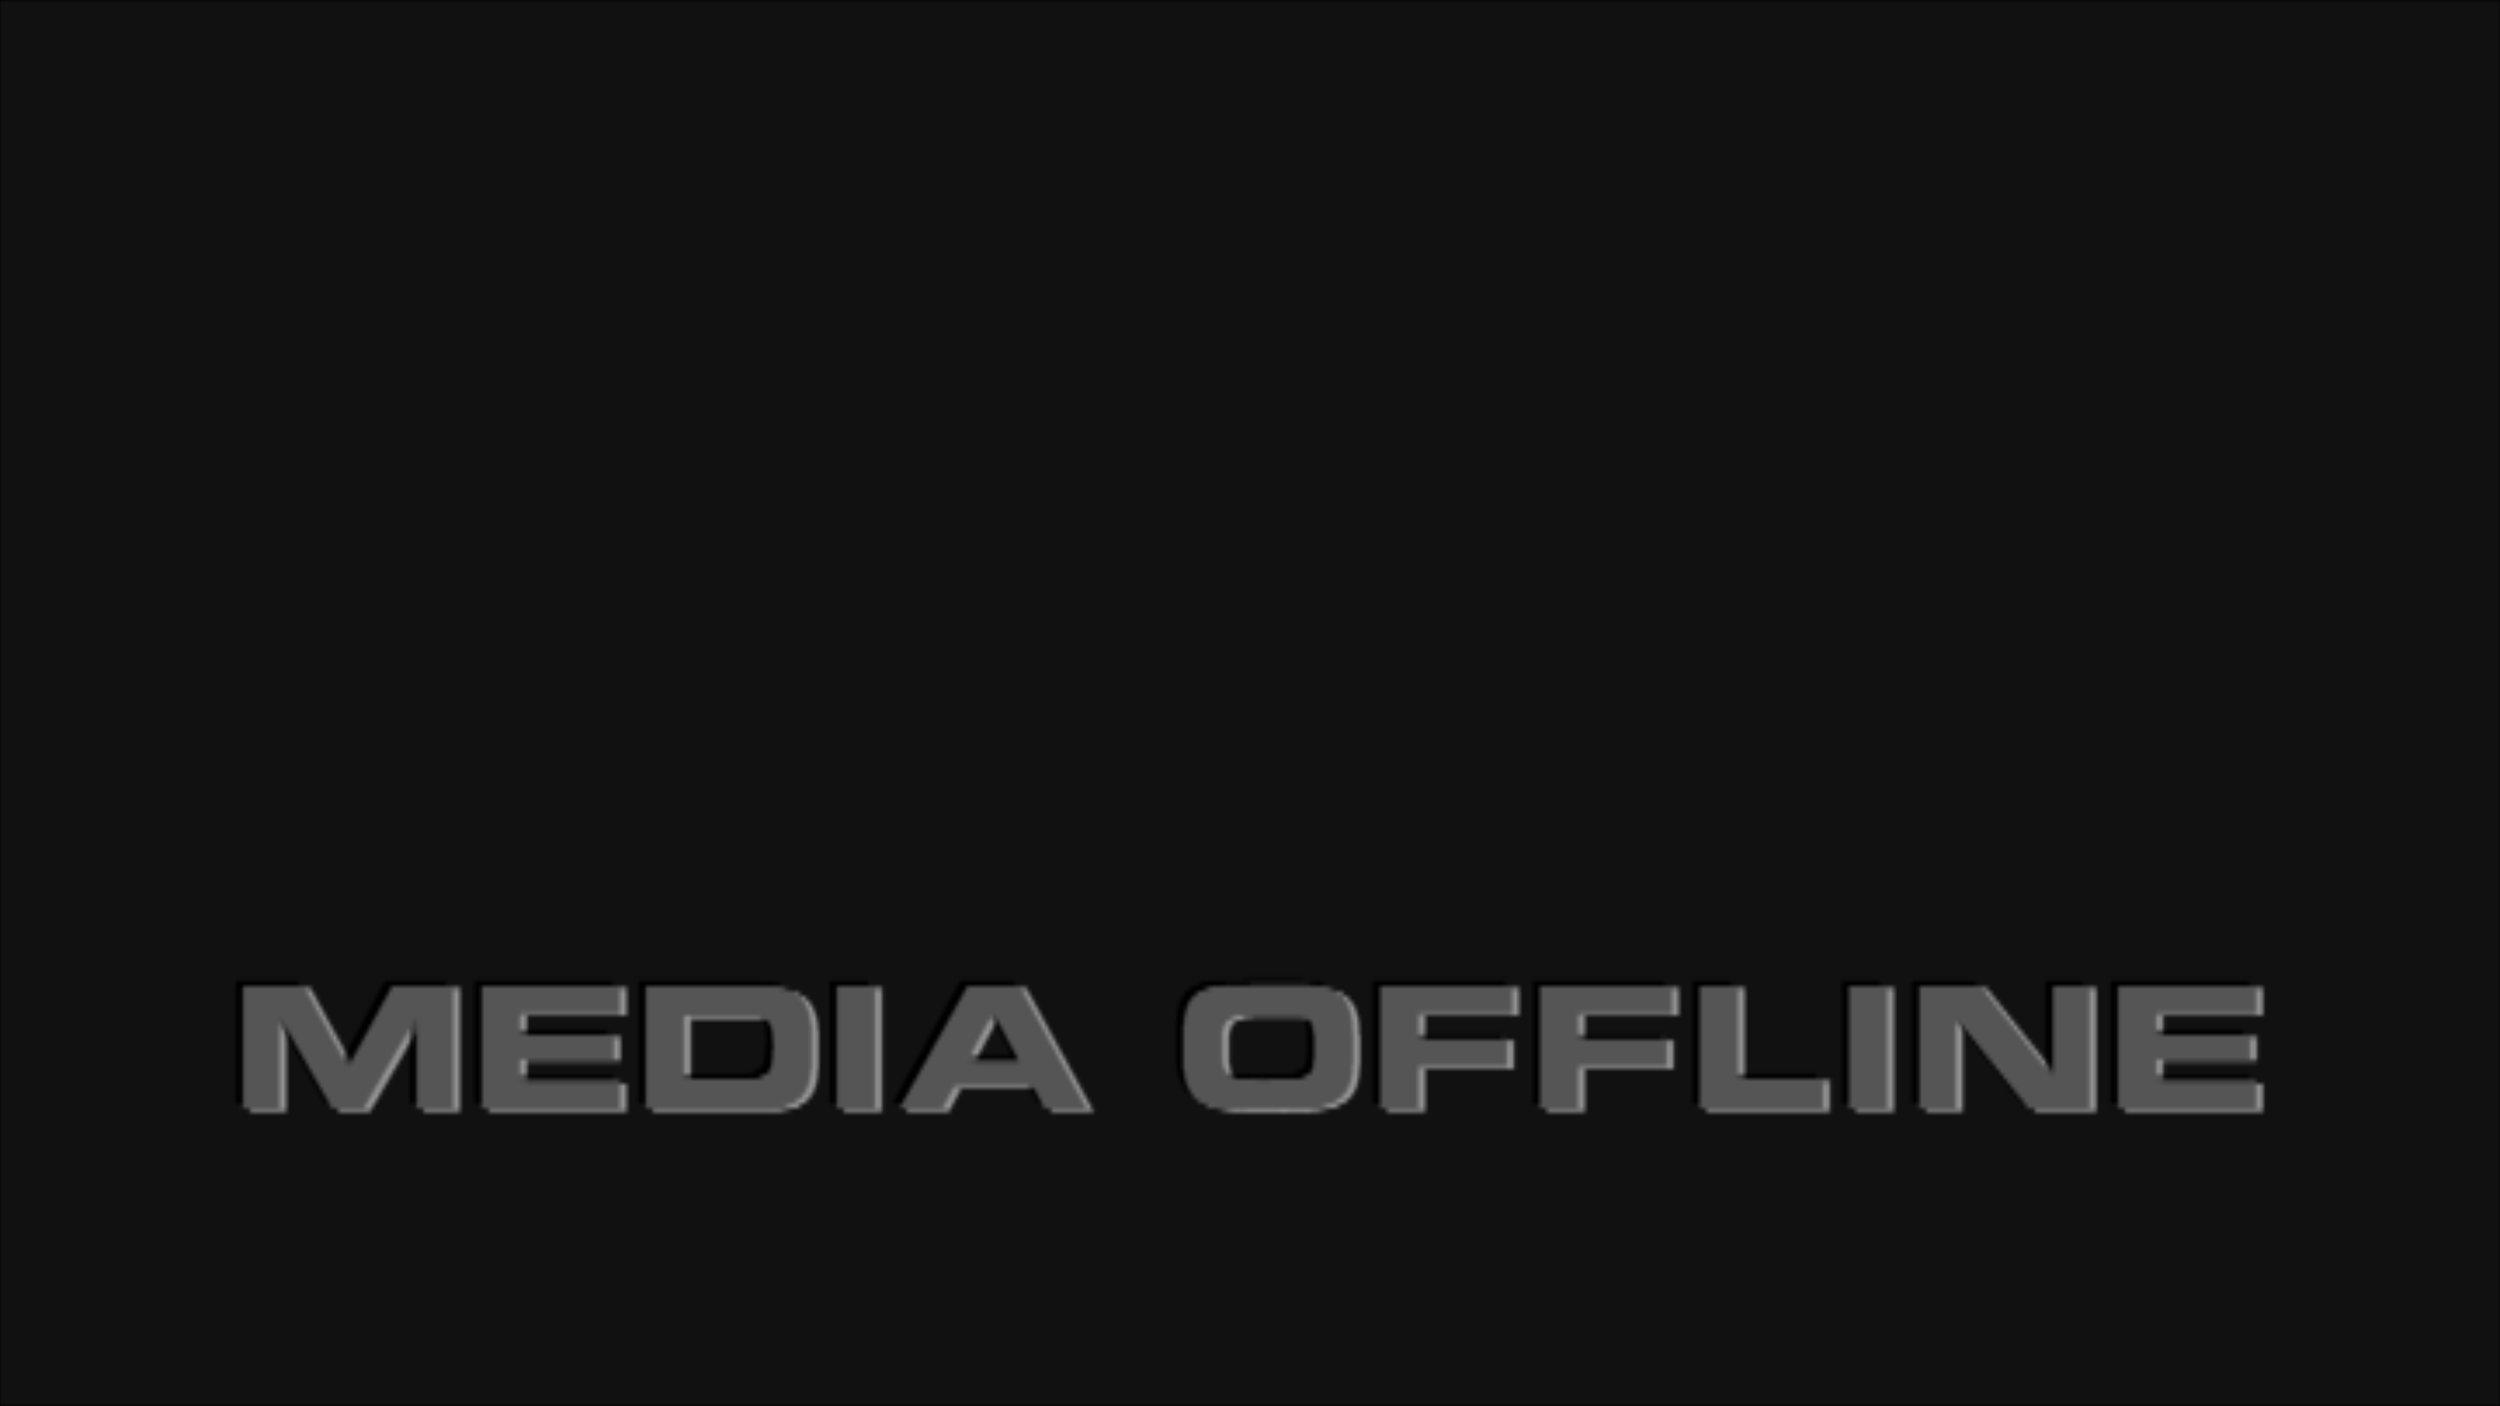 MEDIA OFFLINE.jpg